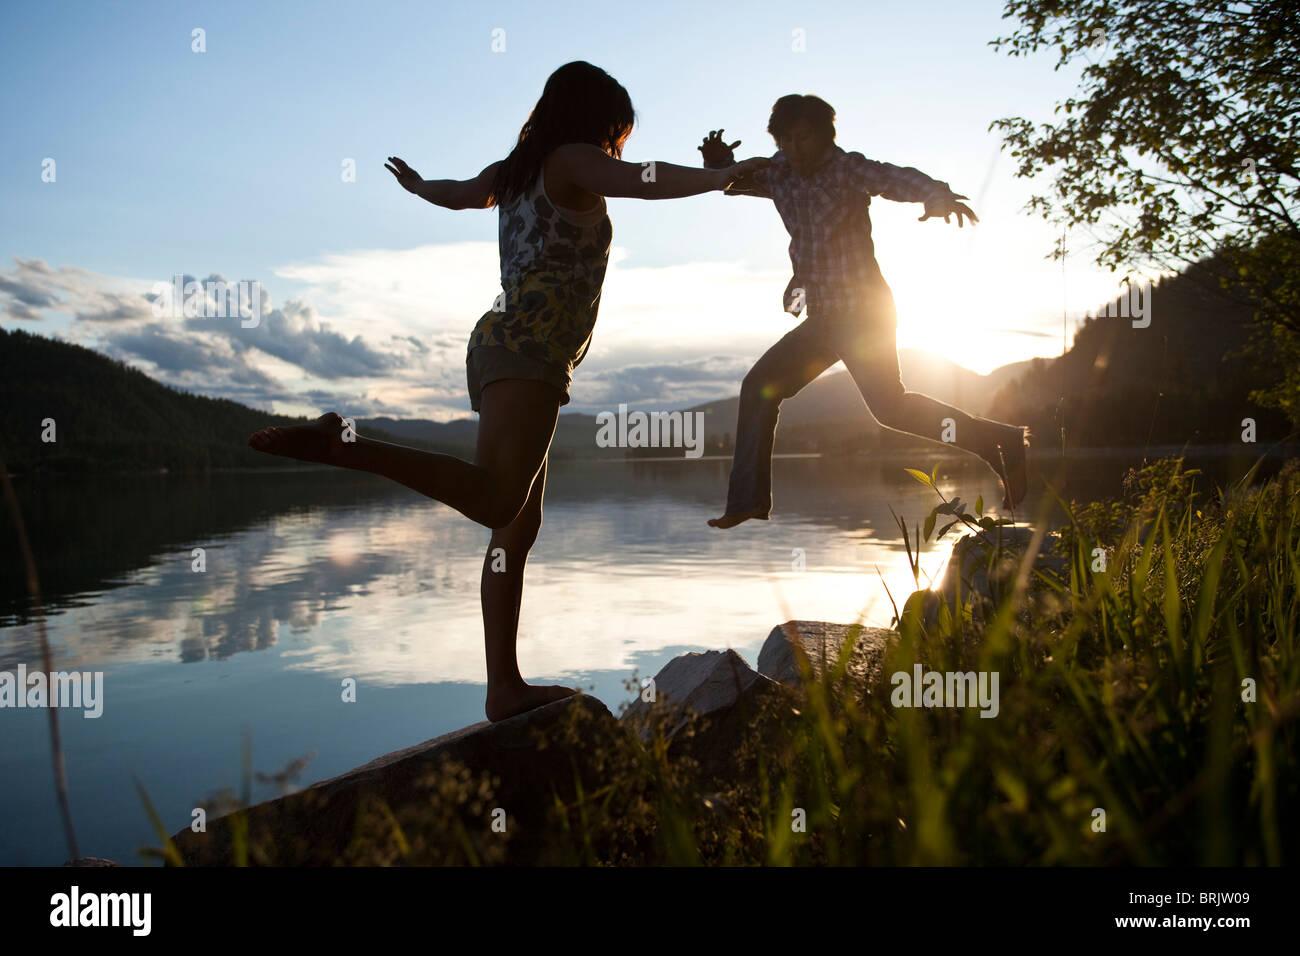 Deux jeunes adultes en équilibre sur des rochers au coucher du soleil à côté du lac. Photo Stock